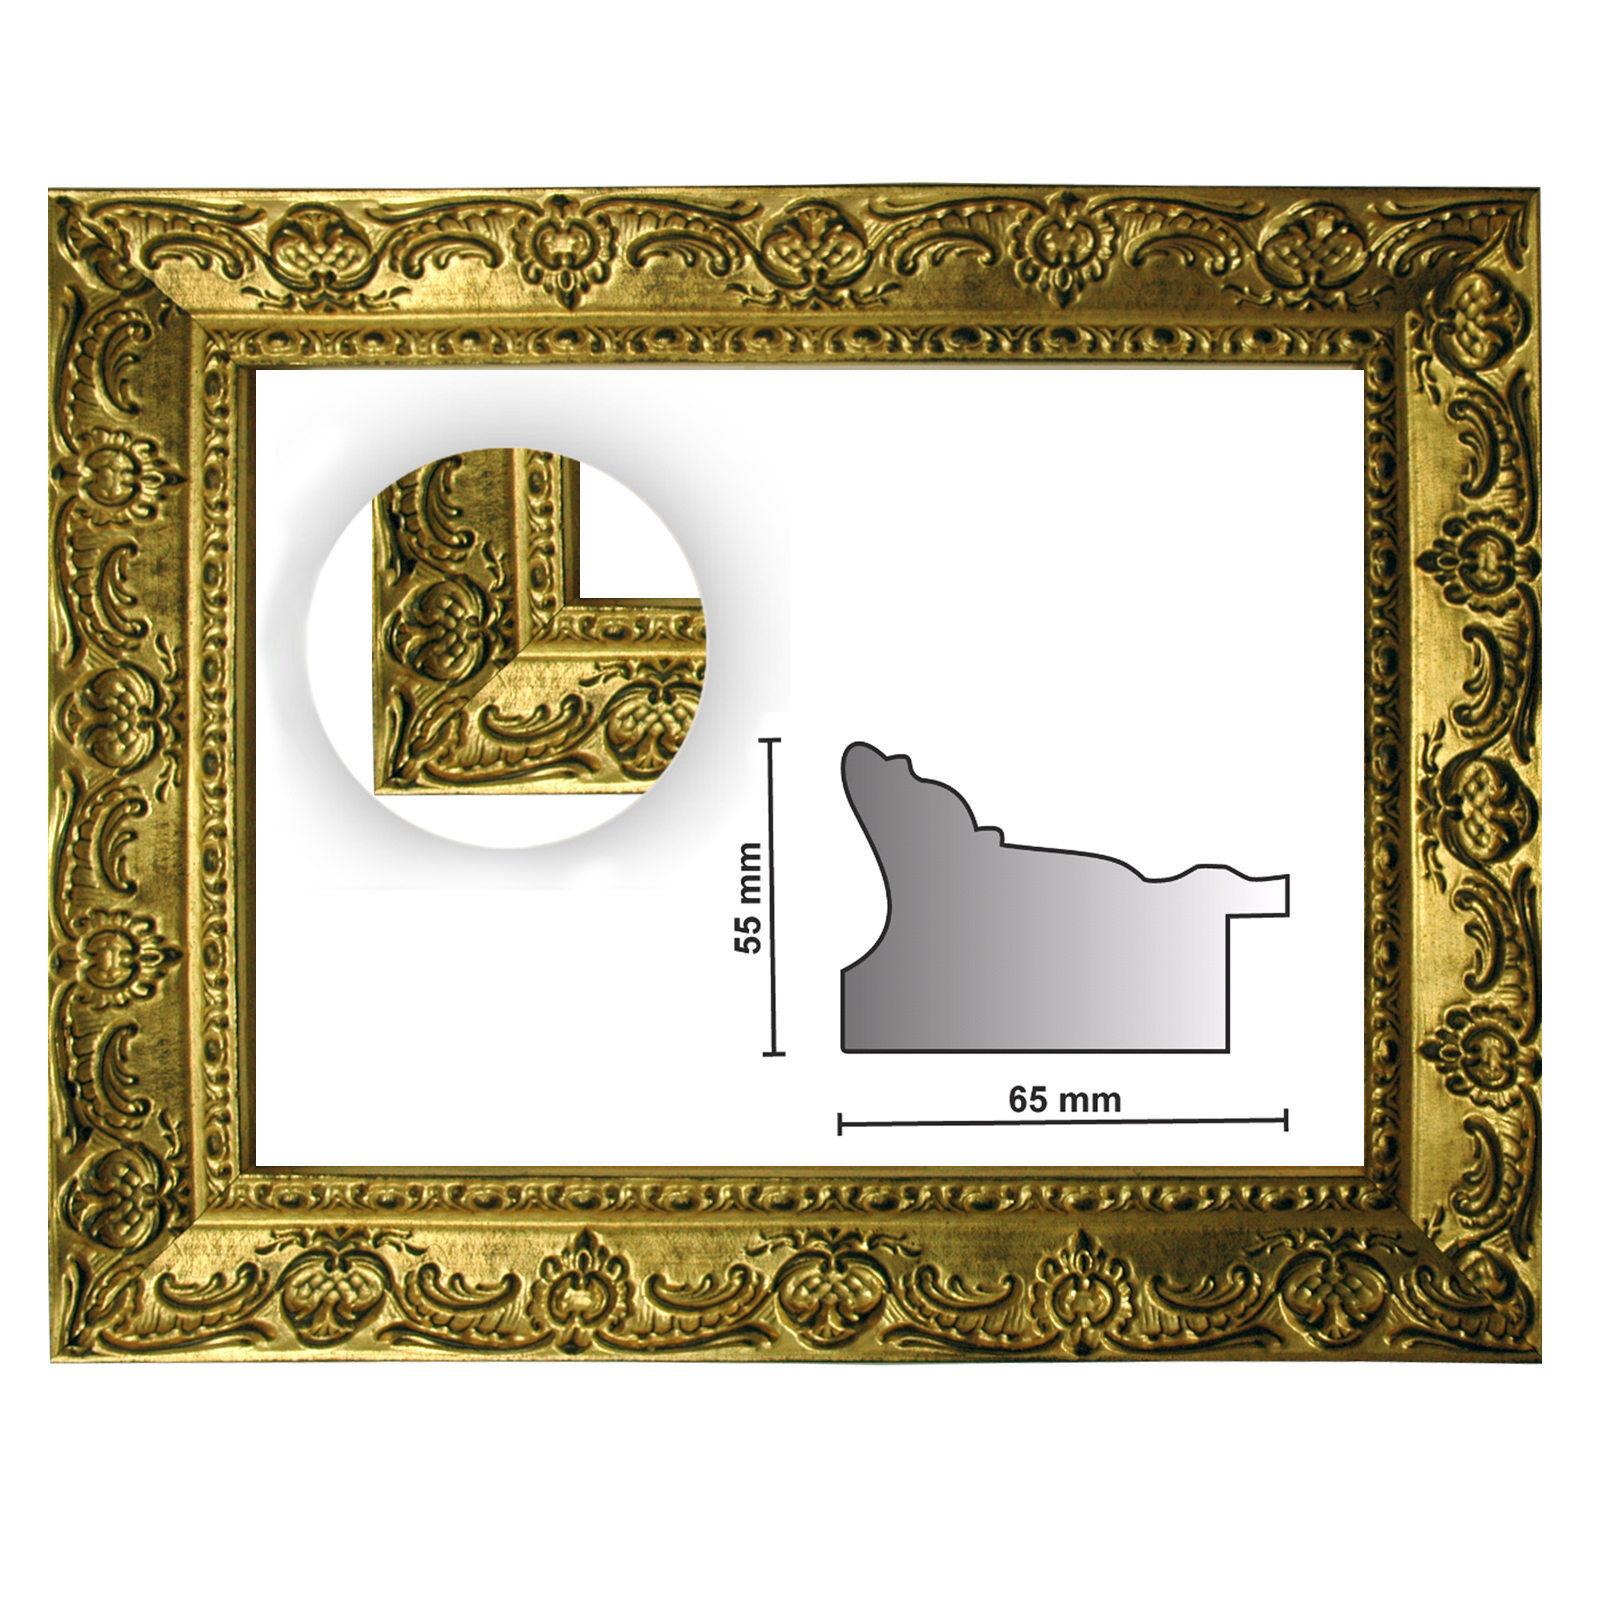 Baroque frame oro finemente finemente finemente decorato 976 oro, diverse varianti 4d9326